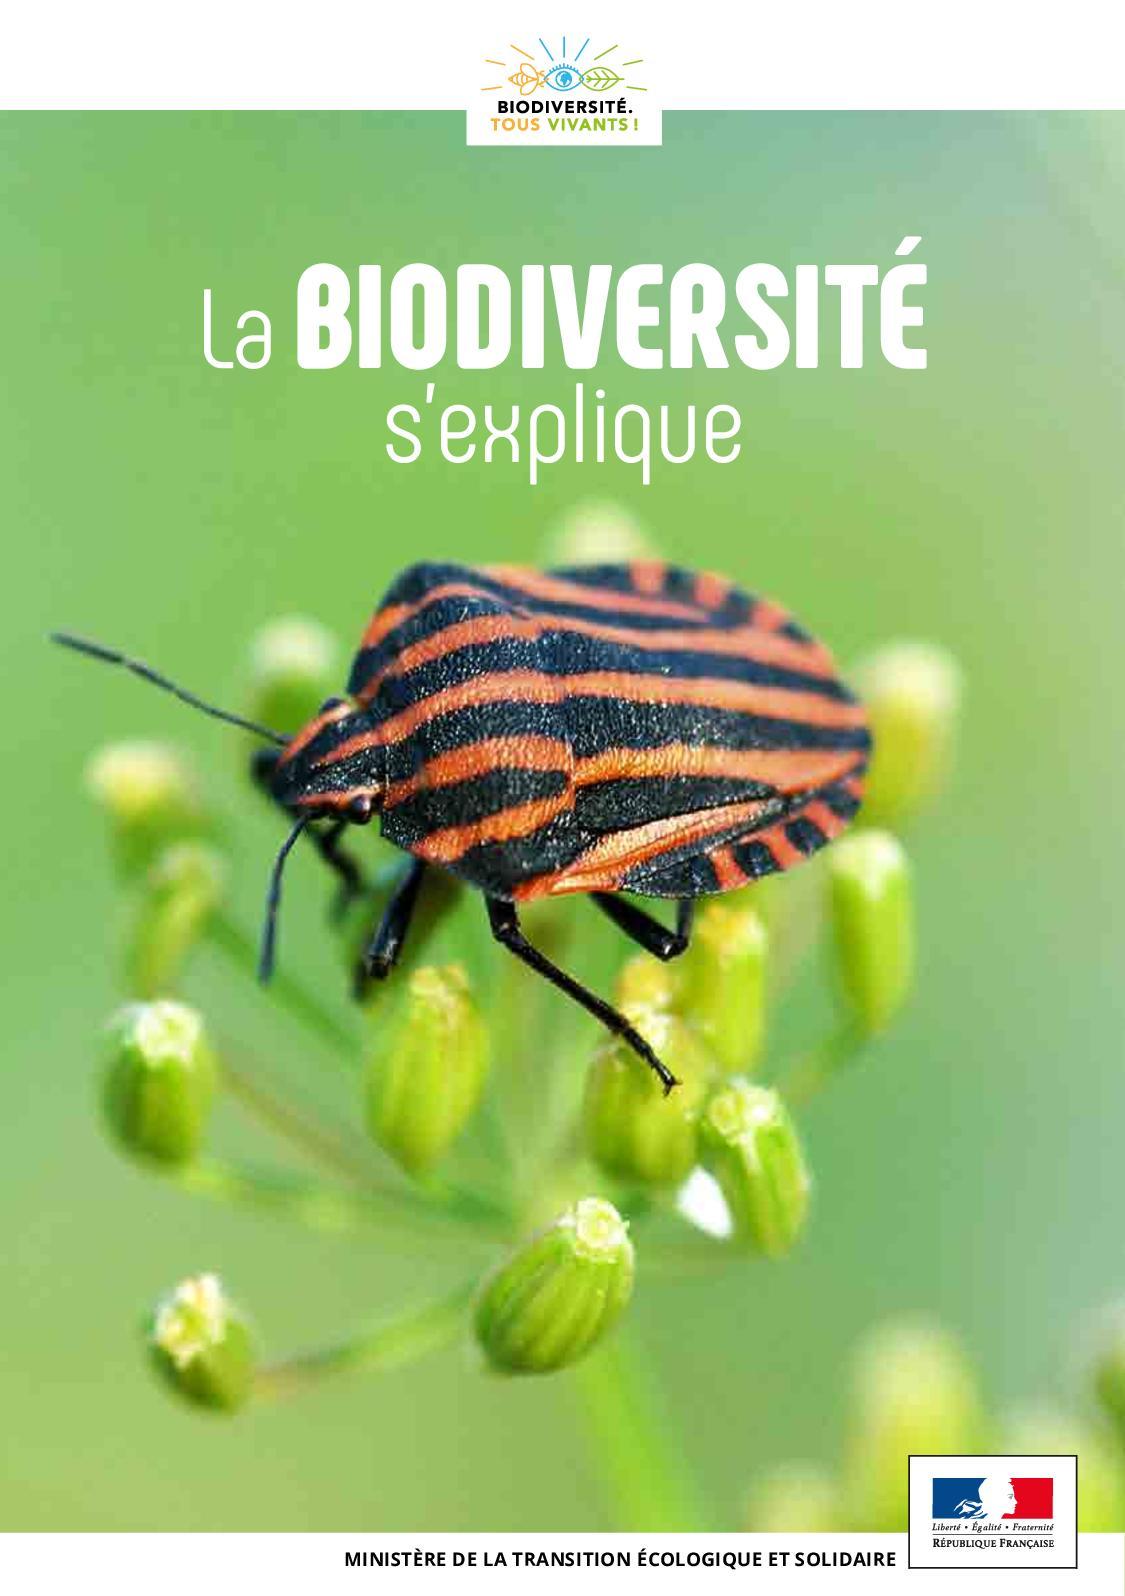 La biodiversité s'explique